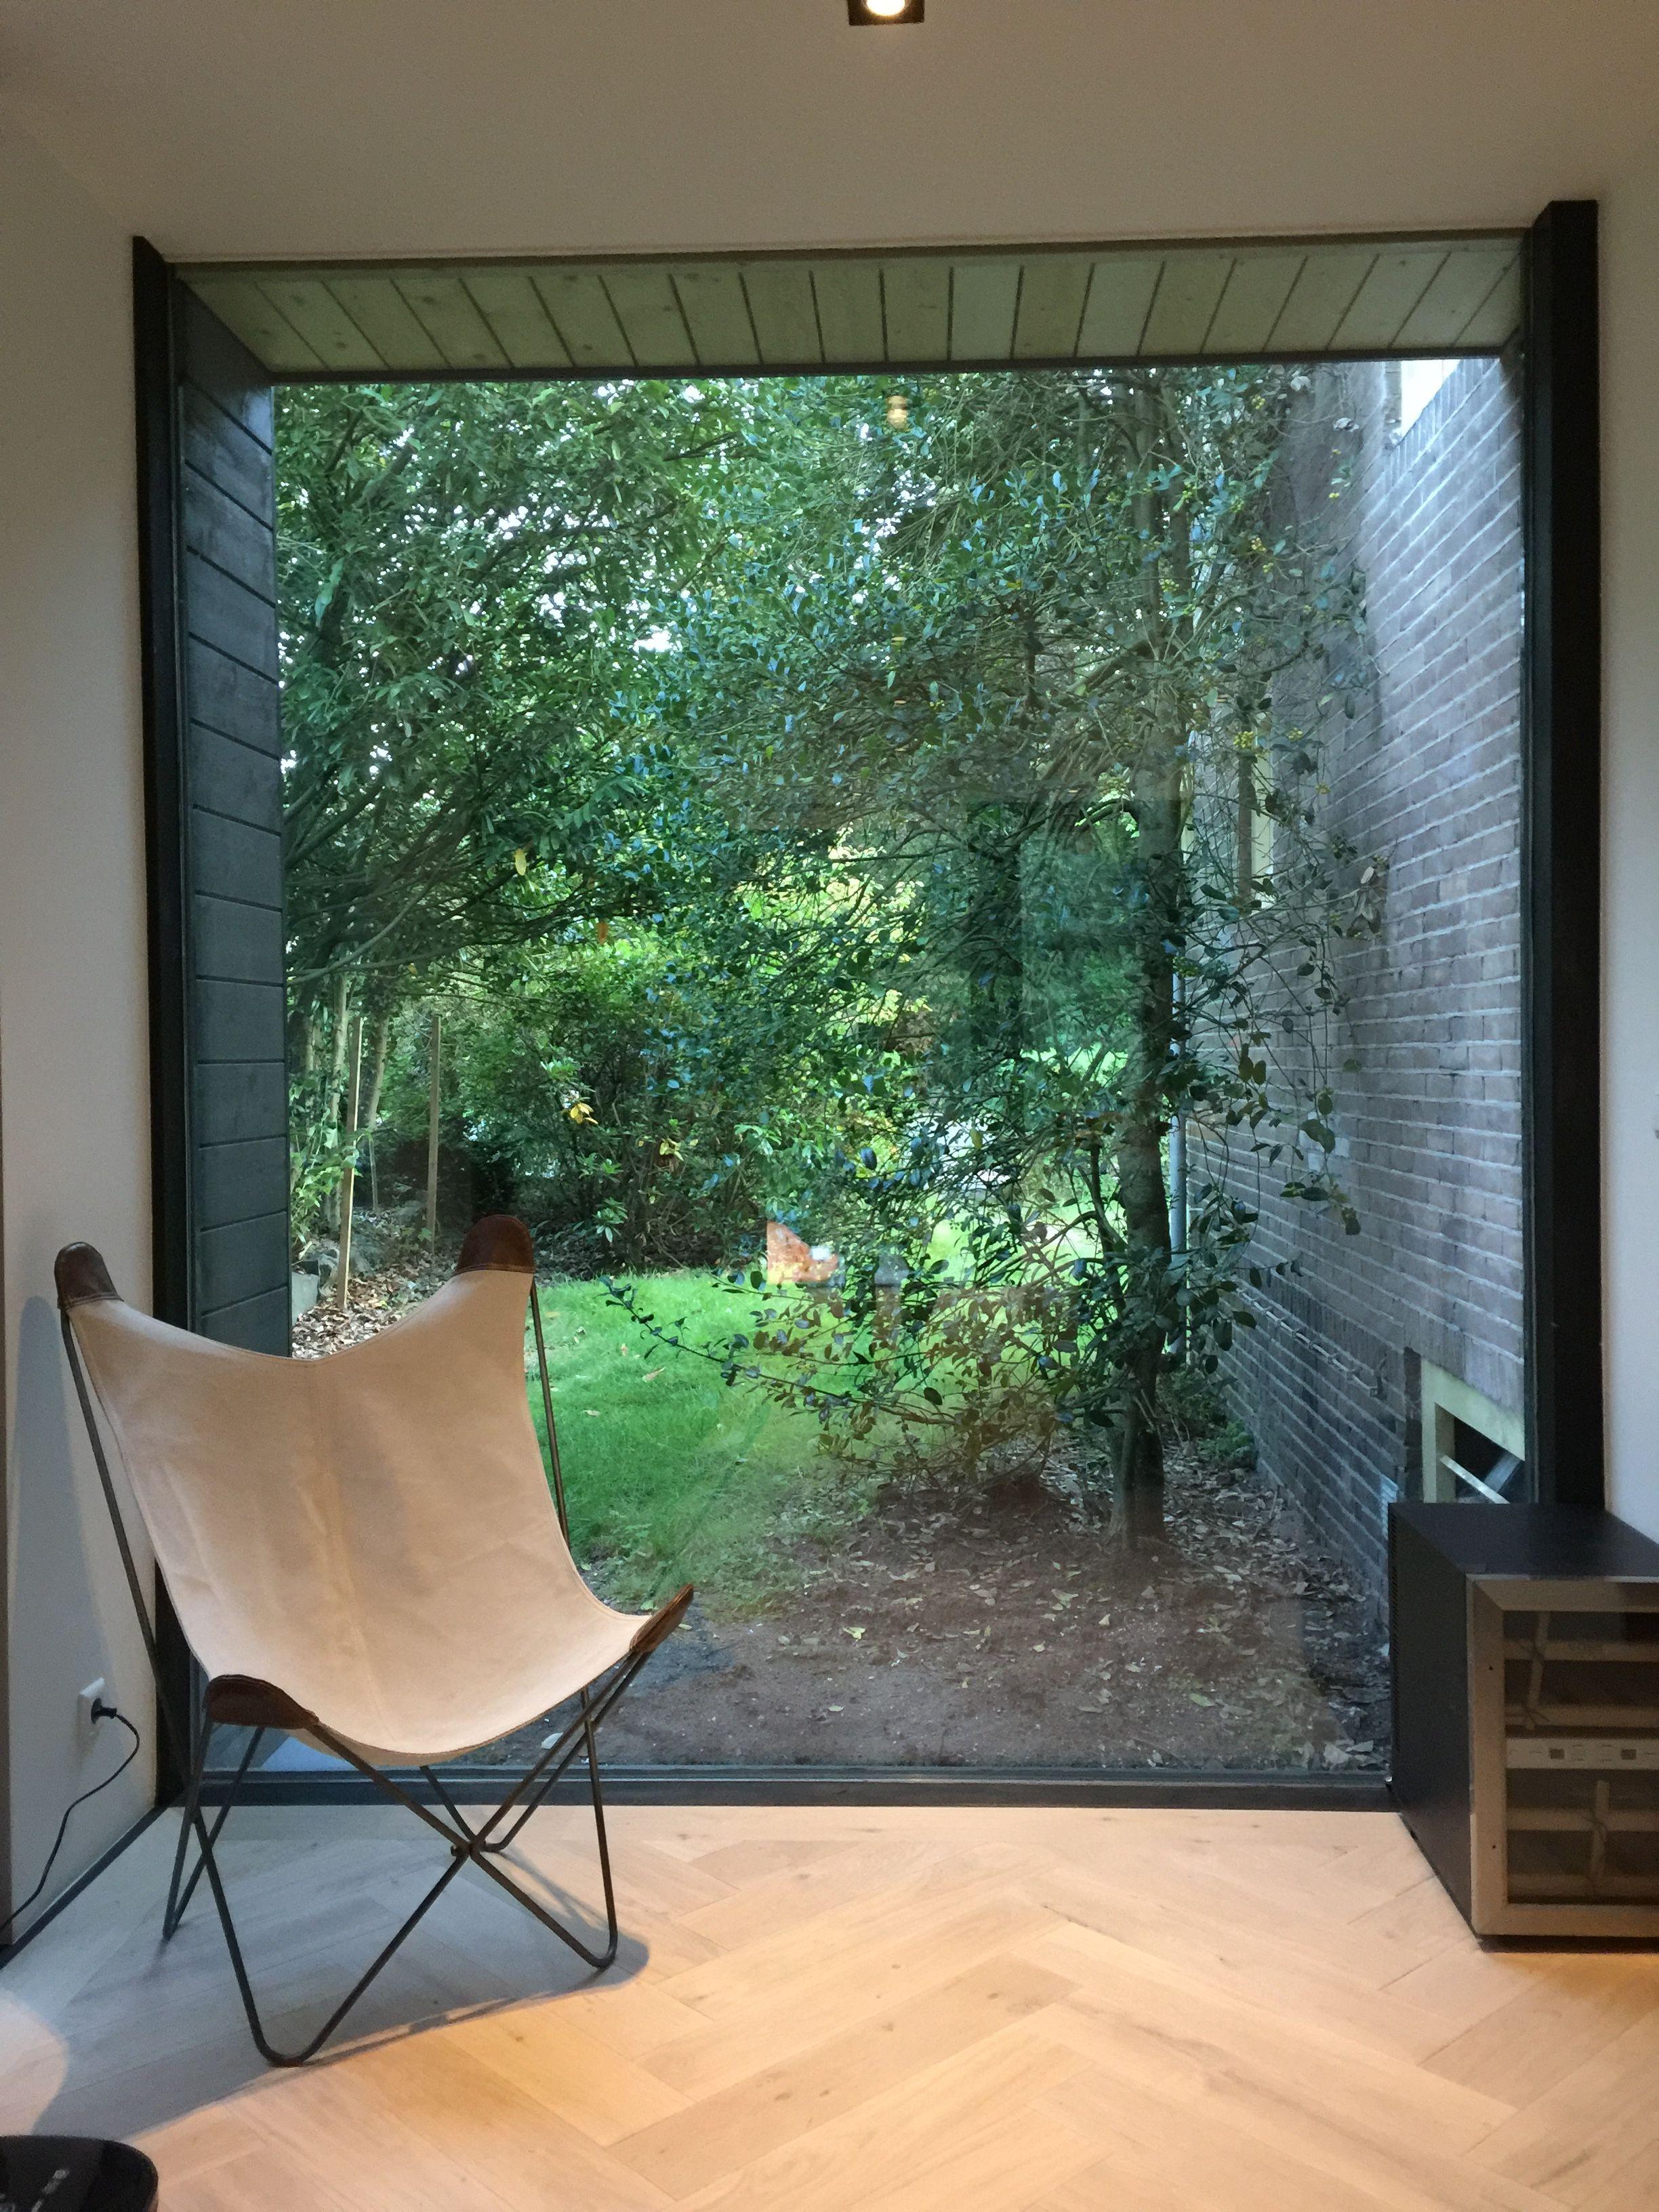 Interieur P&B schuurwoning Finnhouse 3806   Huizen   Pinterest